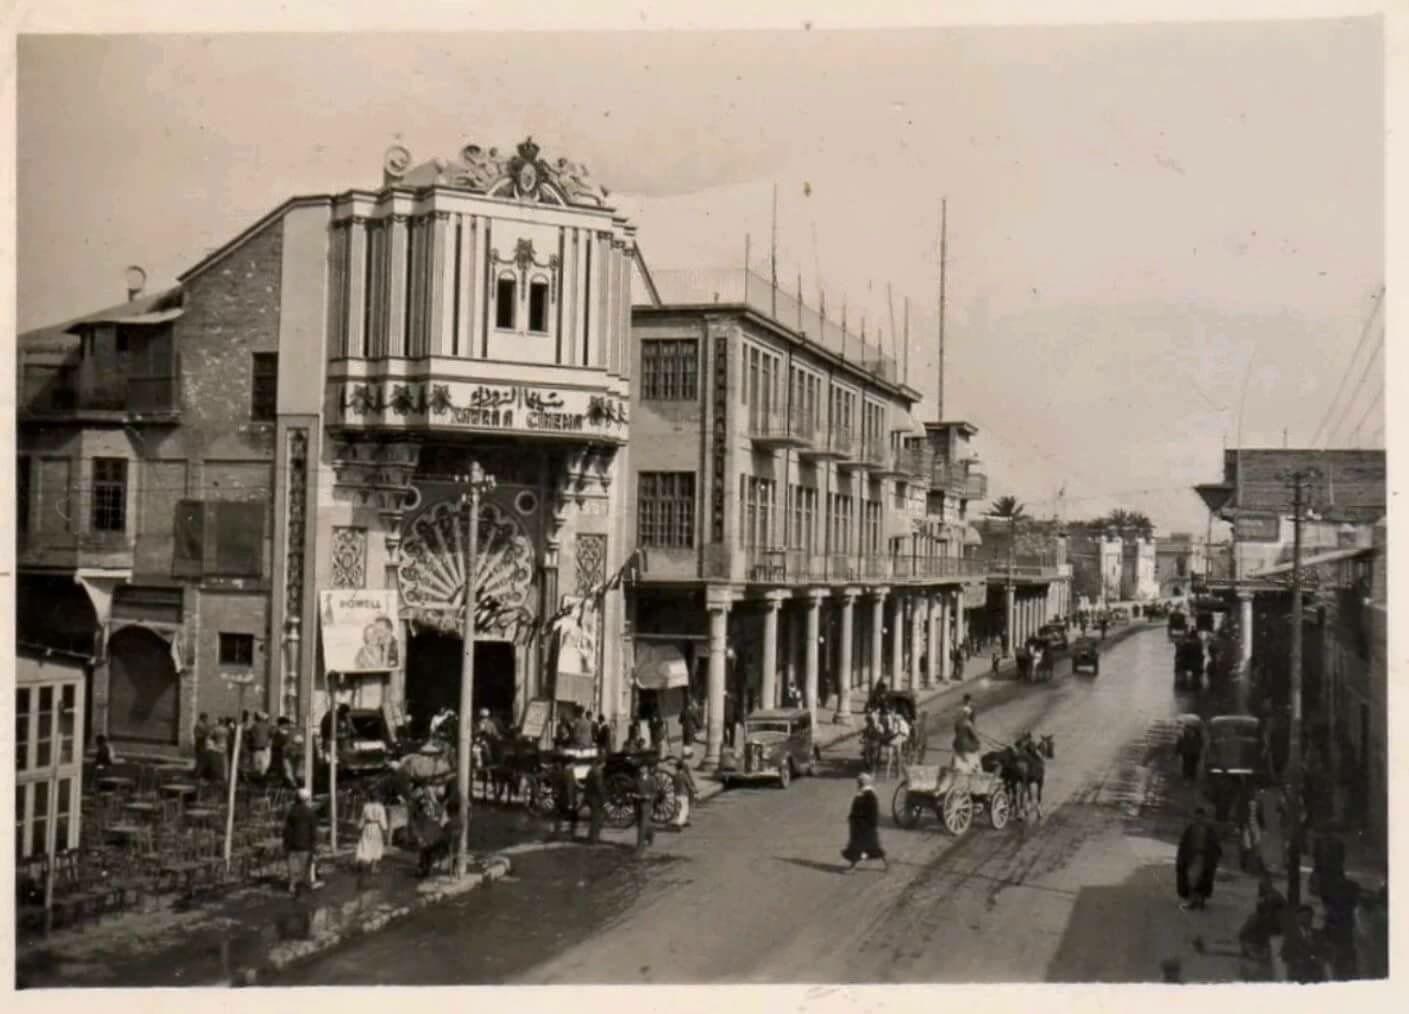 سينما الزوراء شيدت في منتصف الثلاثينات في منطقة المربعة بشارع الرشيد ببغداد صممها المعمار نعمان منيب المتولي لتكون واحدة من أجمل Baghdad Baghdad Iraq Iraqi